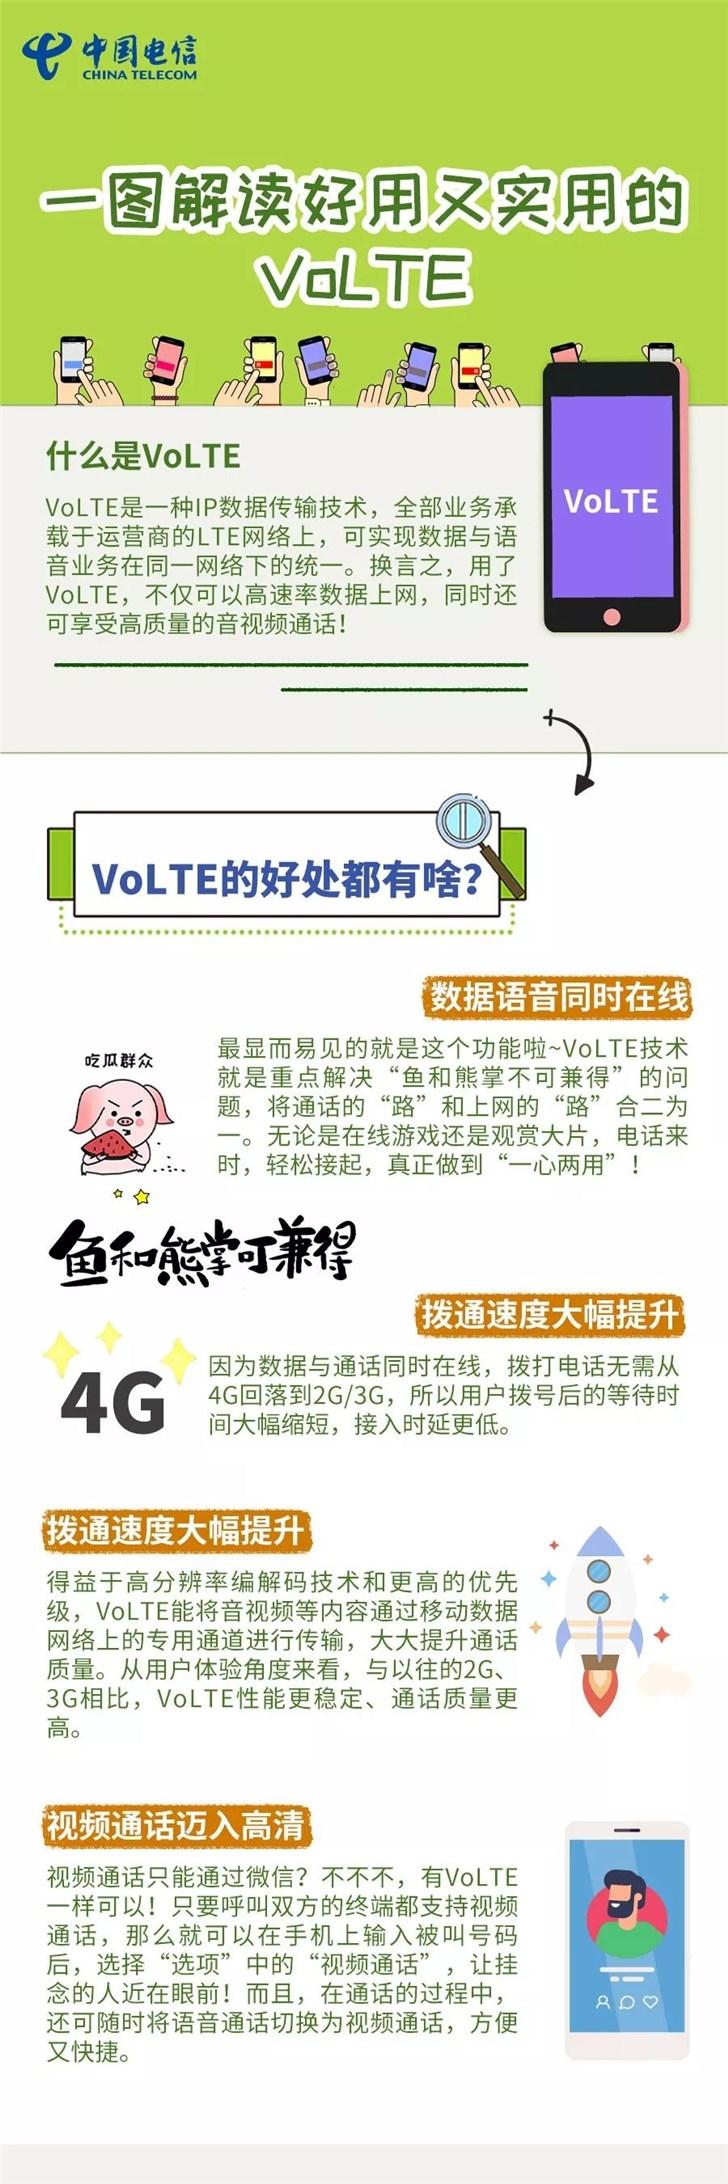 一图读懂VoLTE技术-中国电信